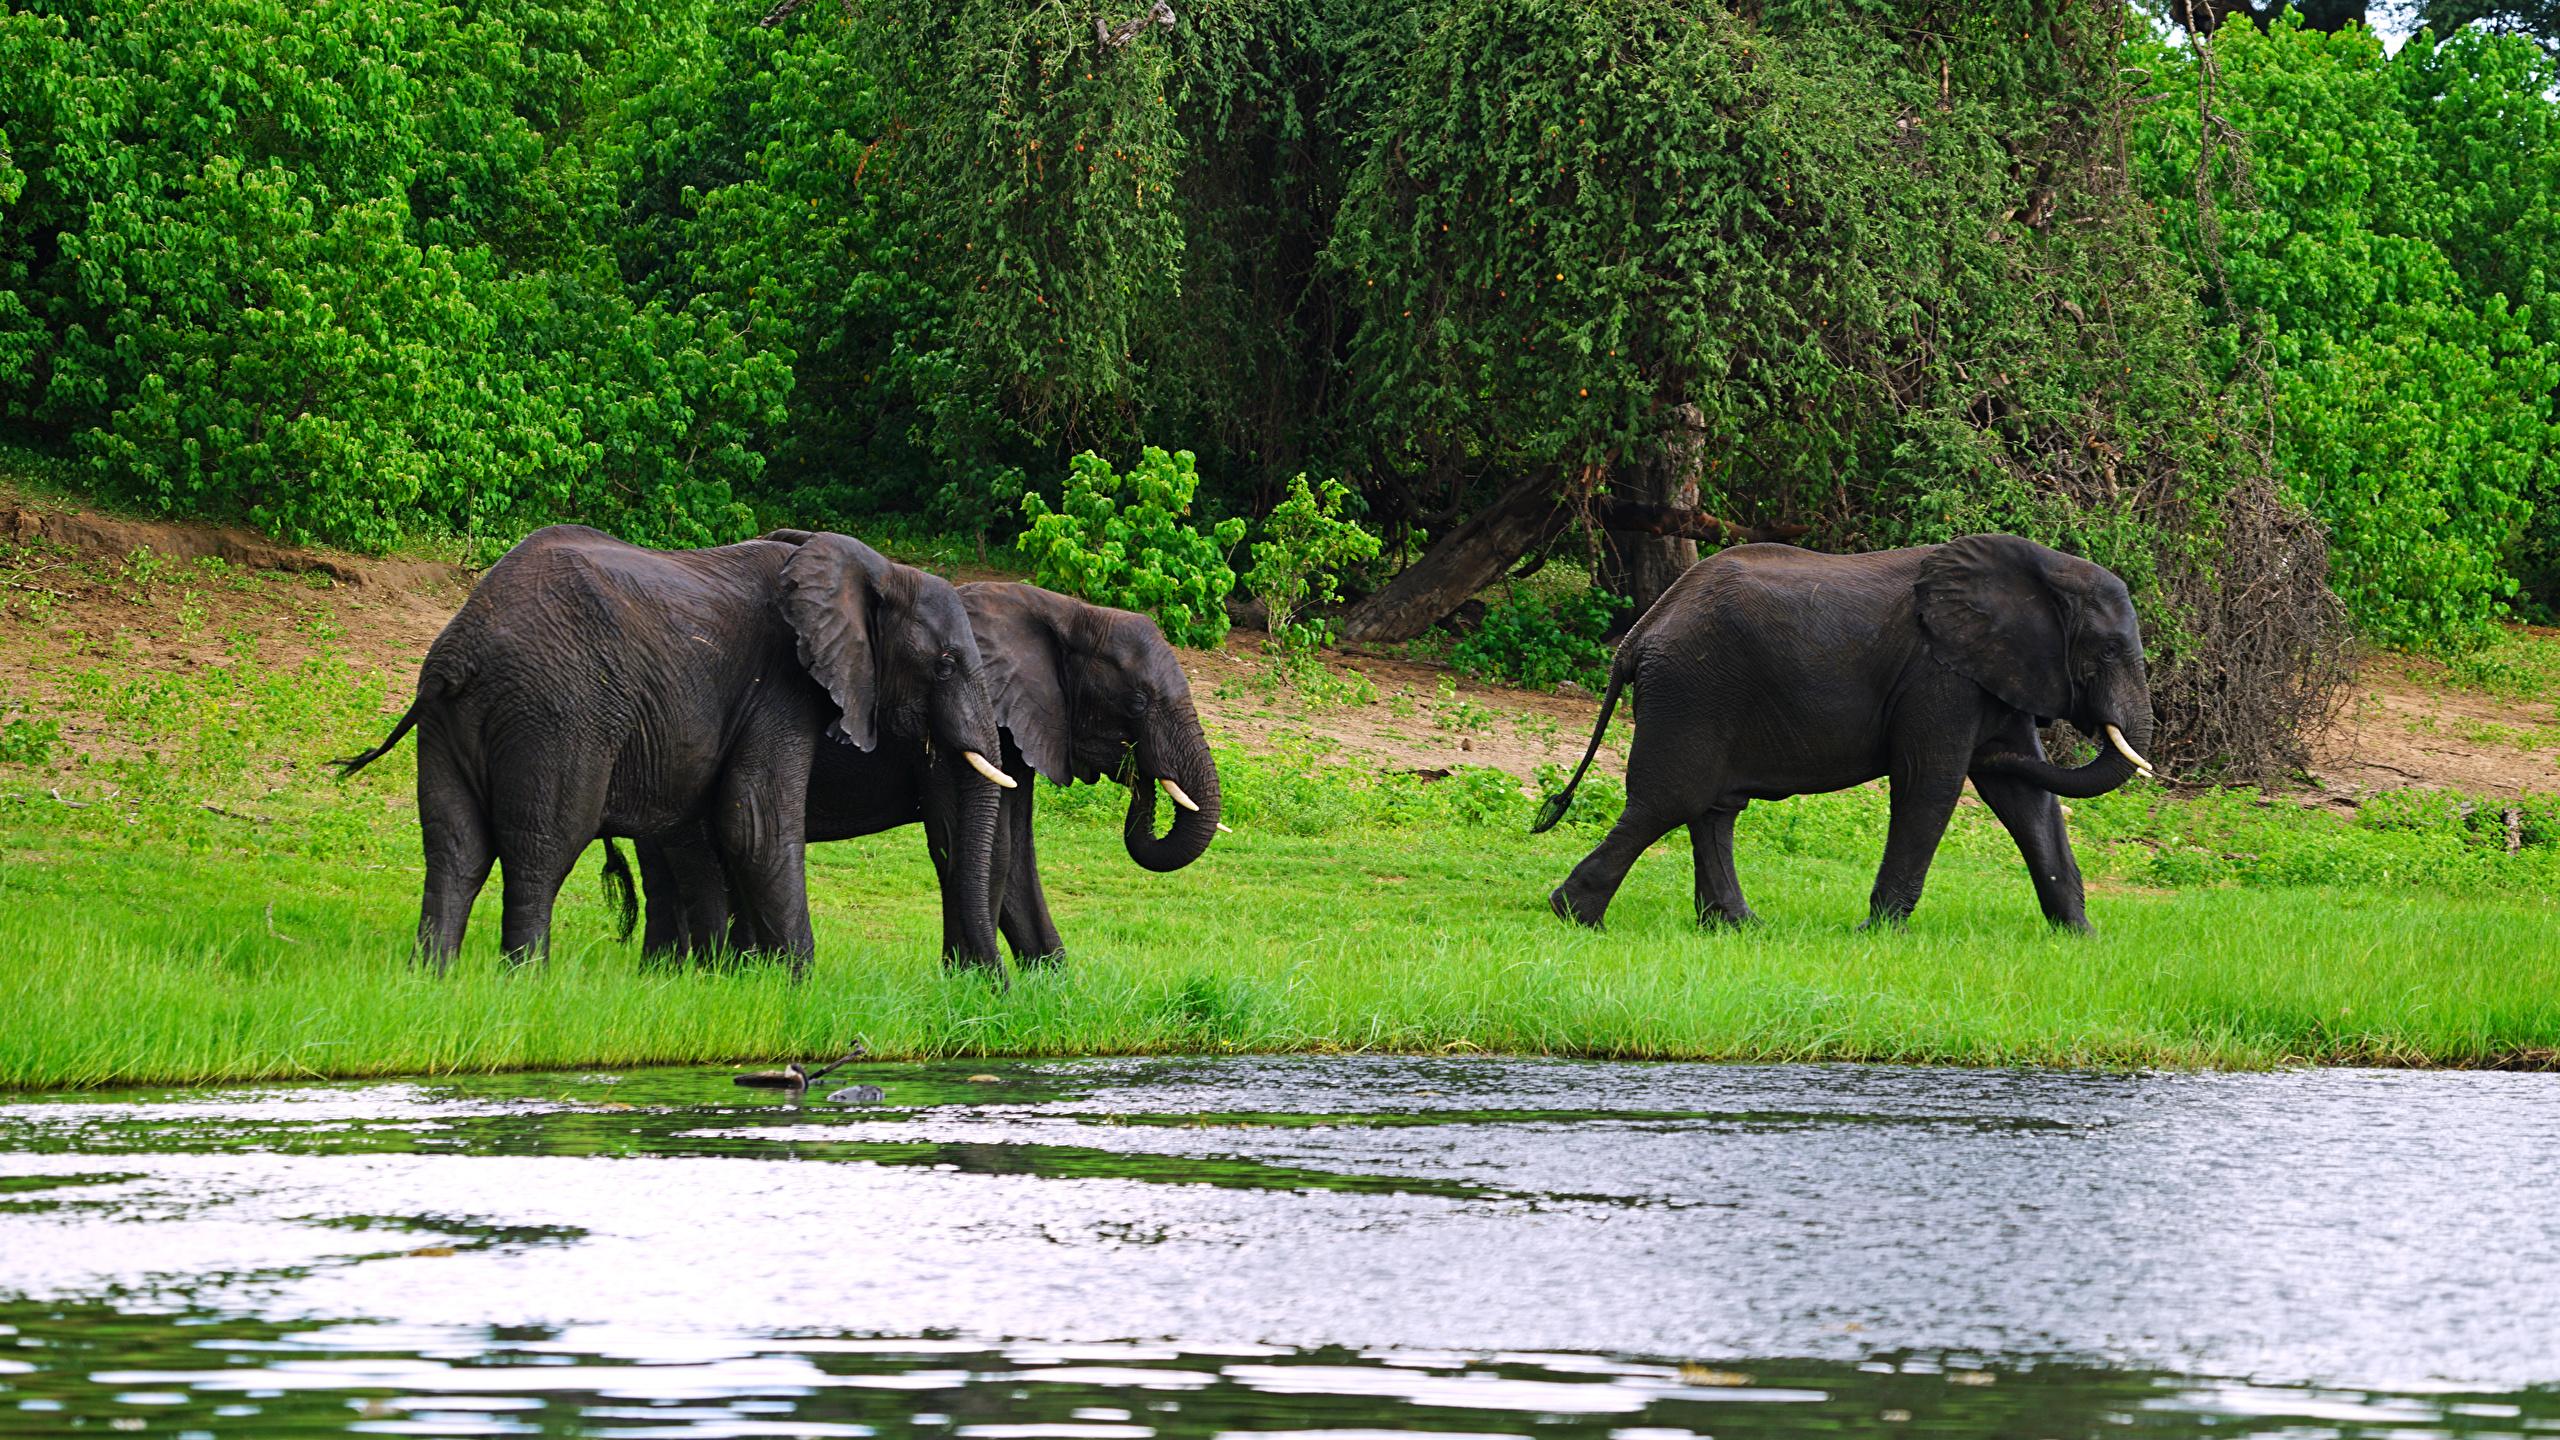 Картинка слон Трое 3 Побережье Животные 2560x1440 Слоны три берег втроем животное